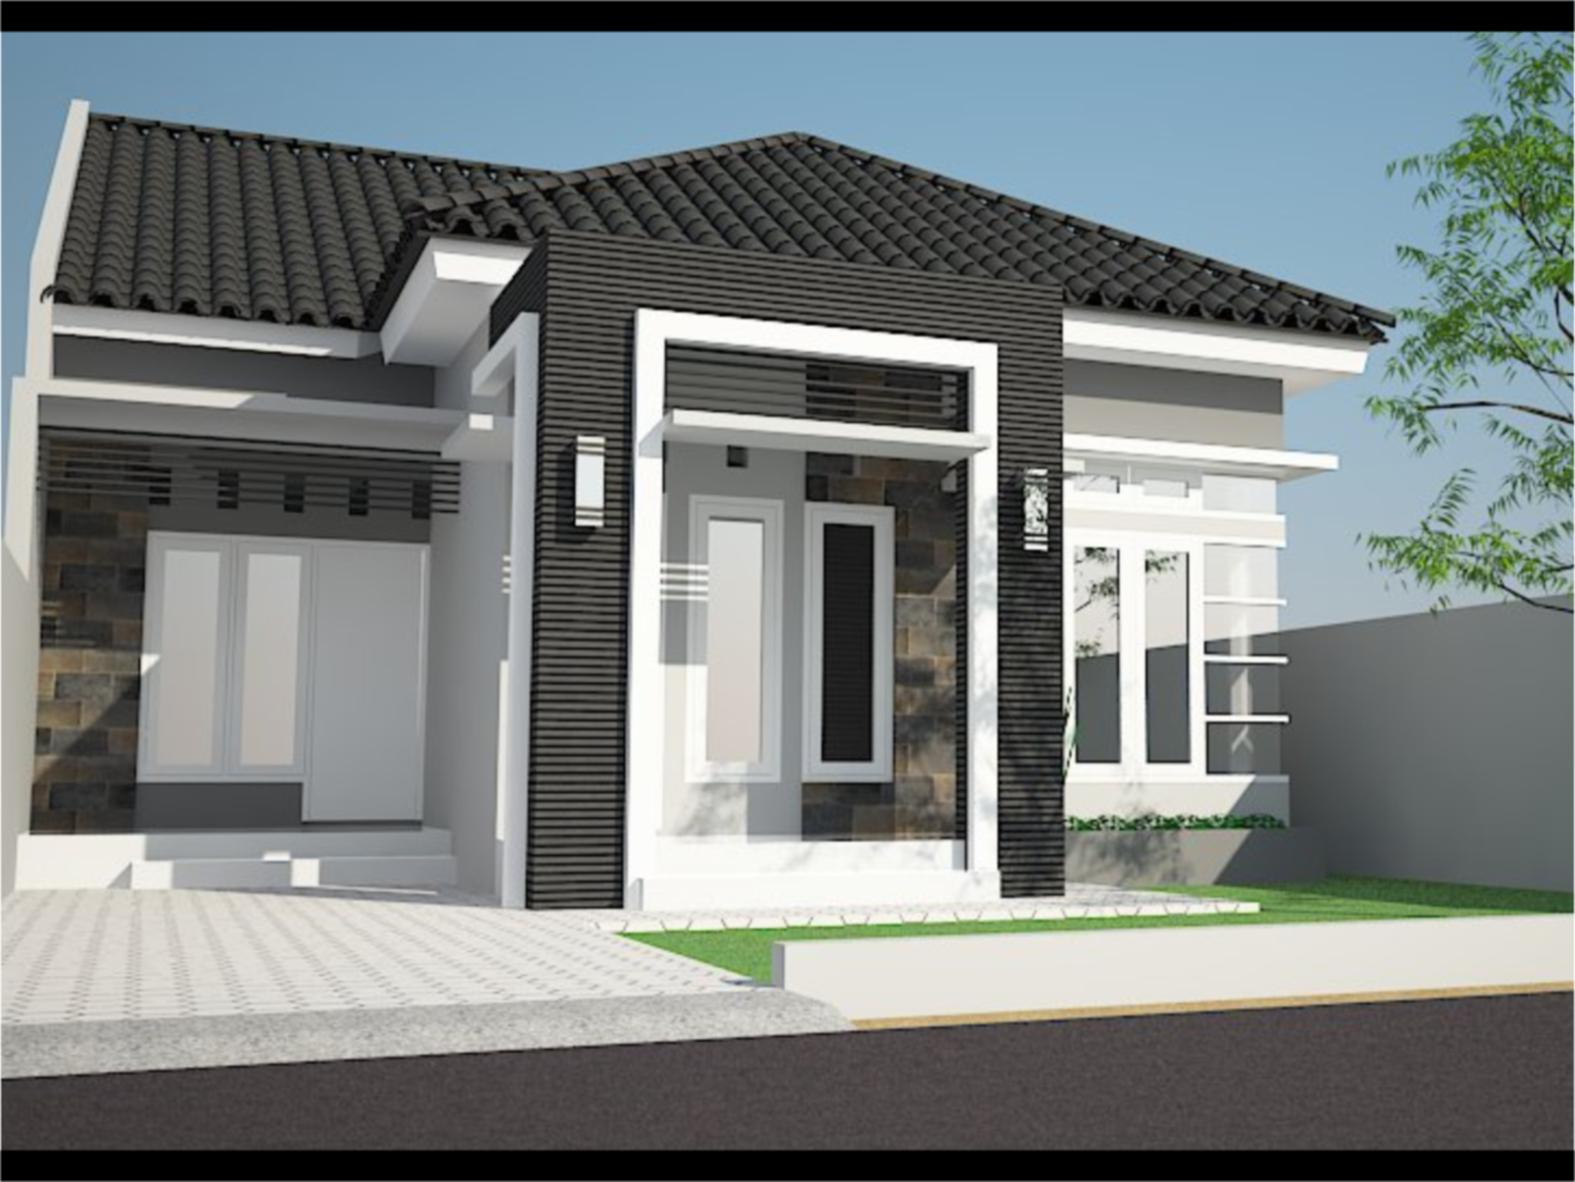 Desain Rumah Minimalis Modern Cantik - Supplier Bata Ekspos